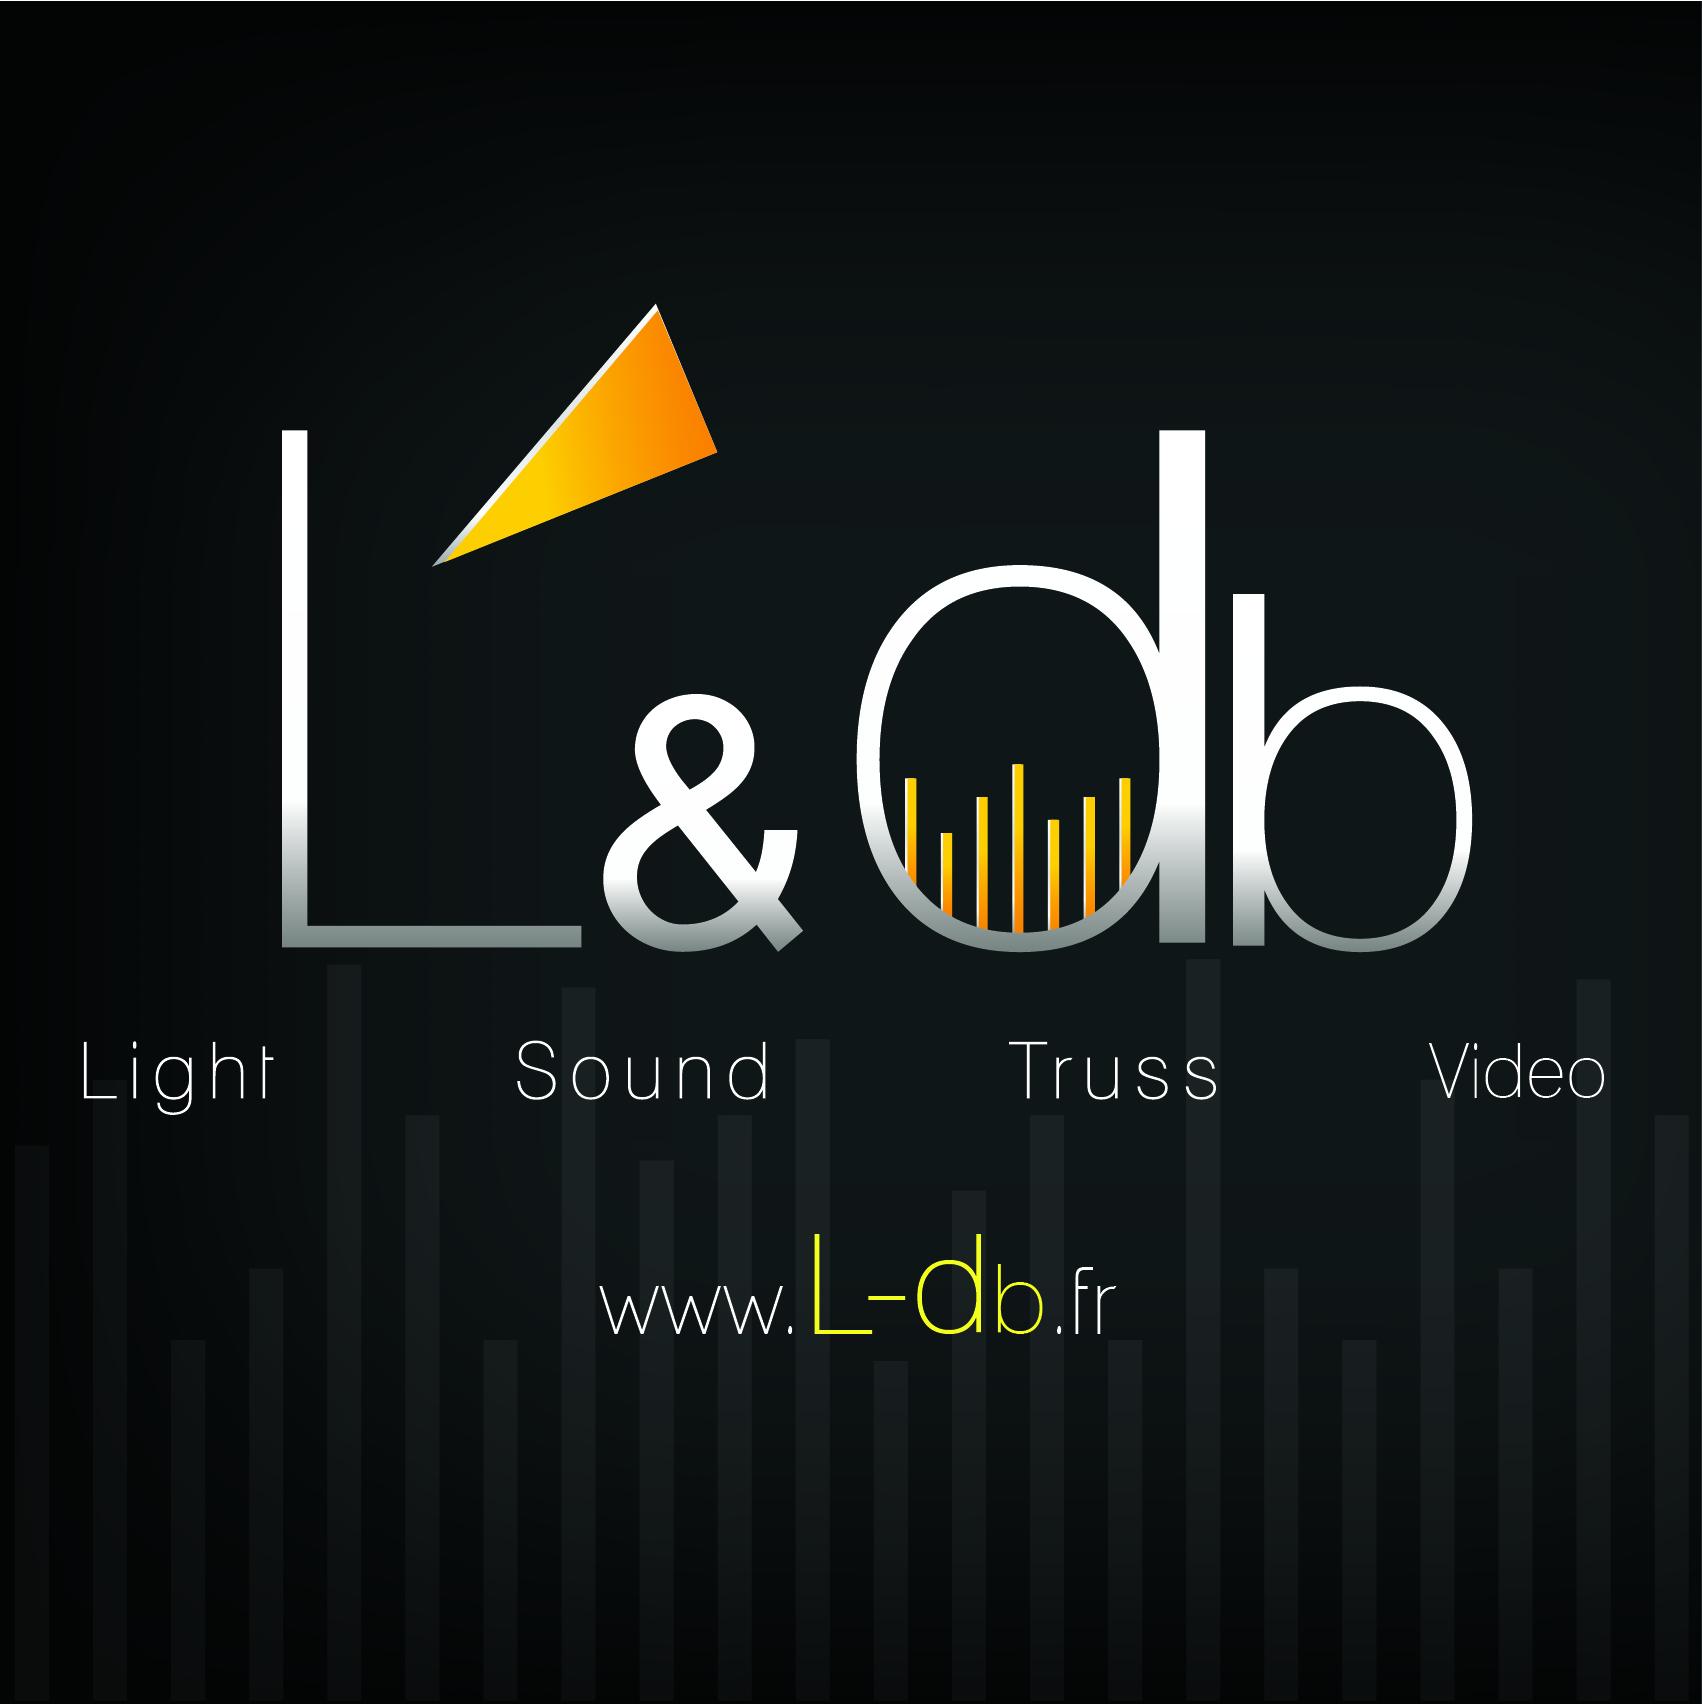 http://www.L-db.fr